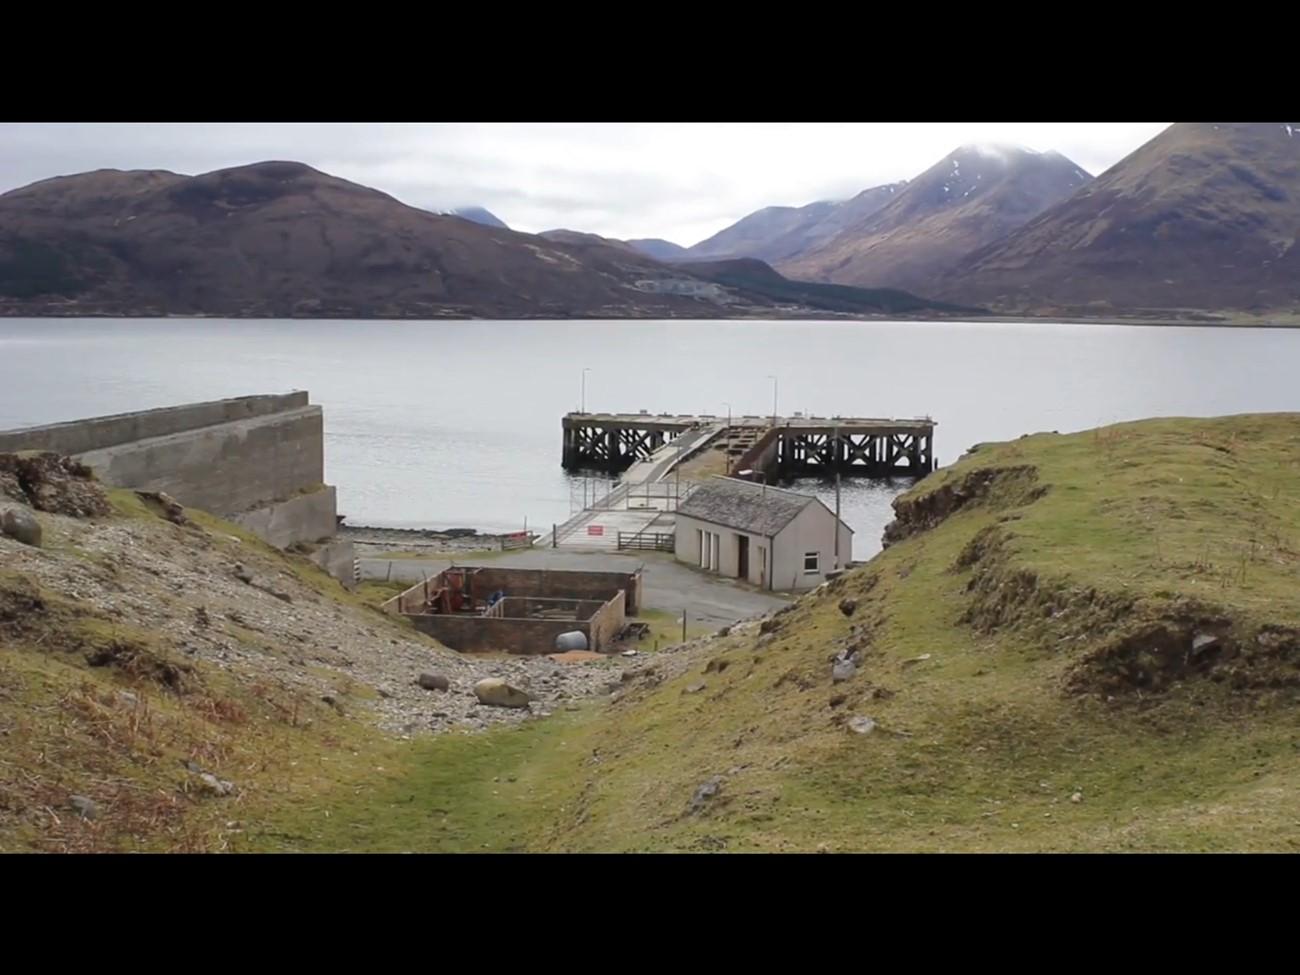 Iron: Origins and Destinations - Filmed material